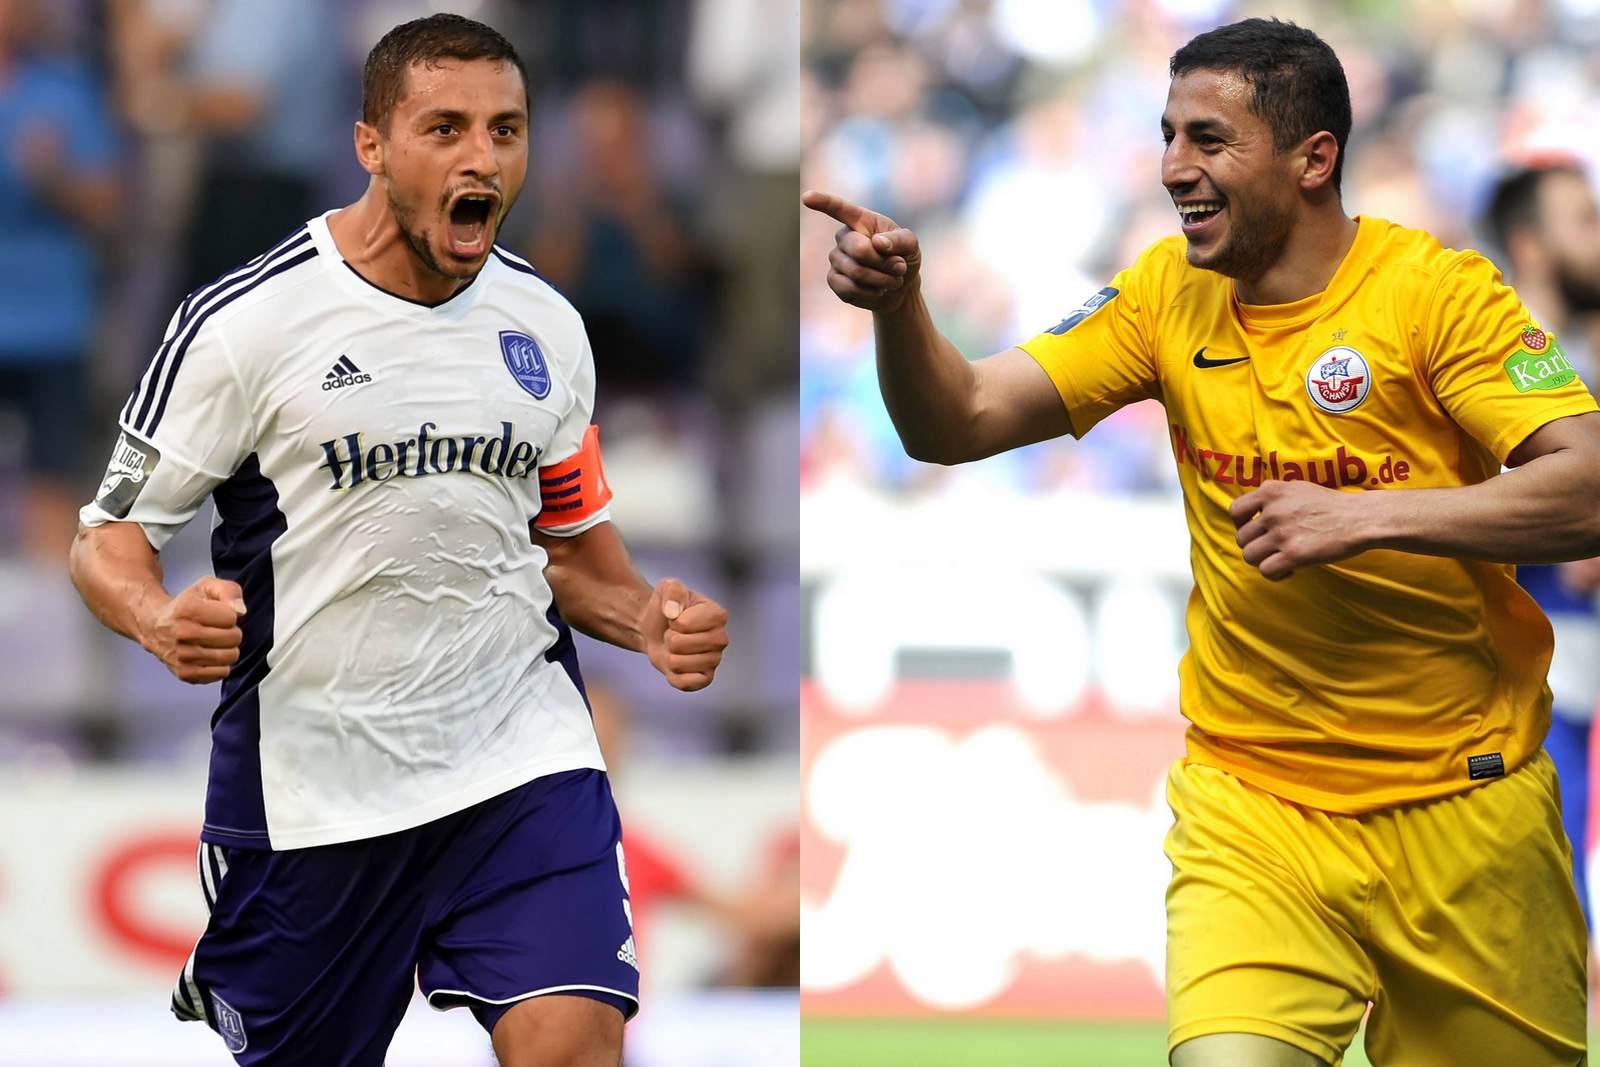 Halil Savran jubel für den VfL Osnabrück und für Hansa Rostock